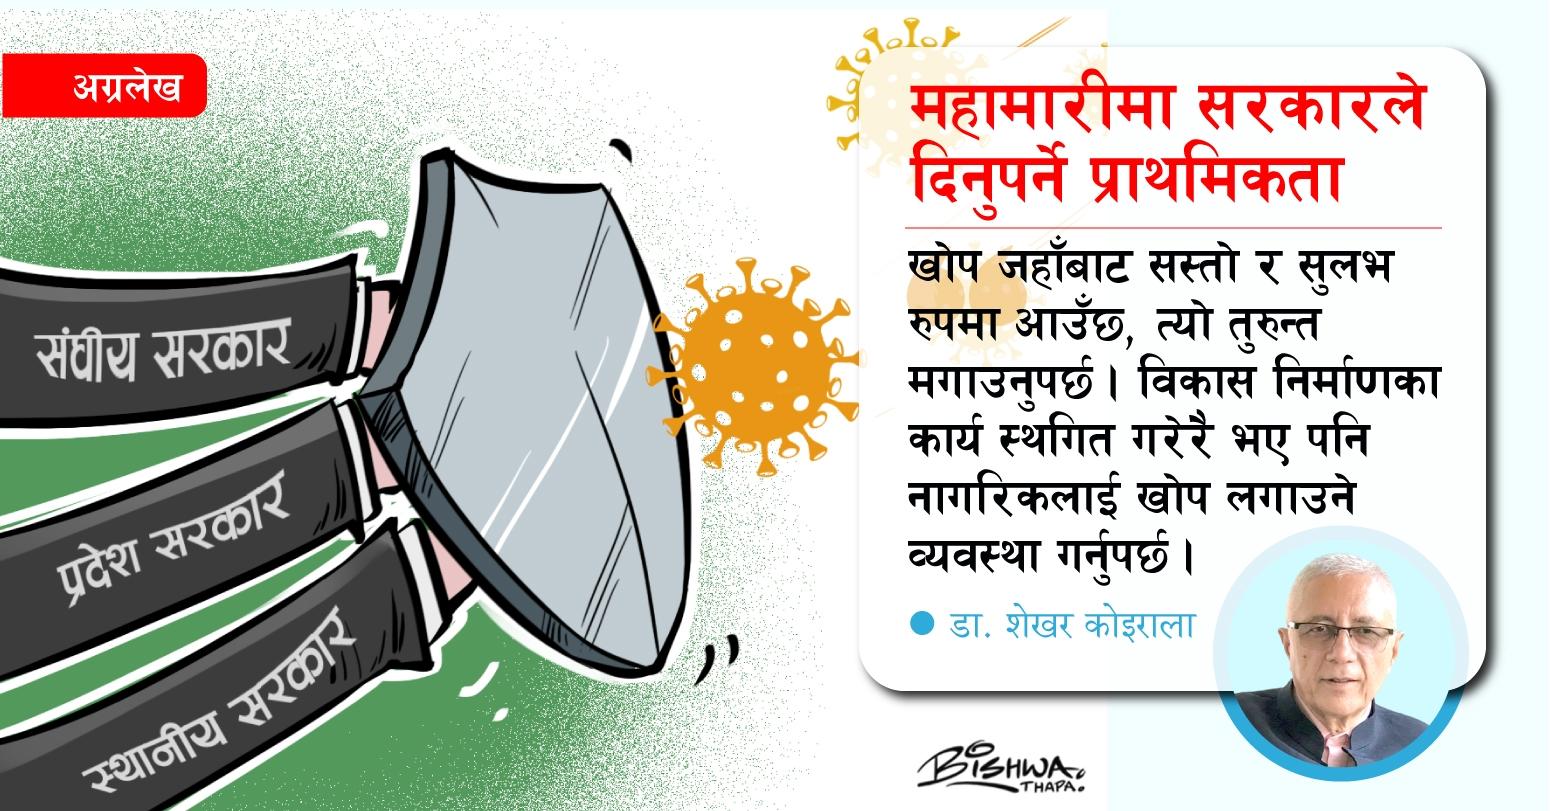 Dr. shekhar koirala nayapatrika2021 05 26 06 38 38